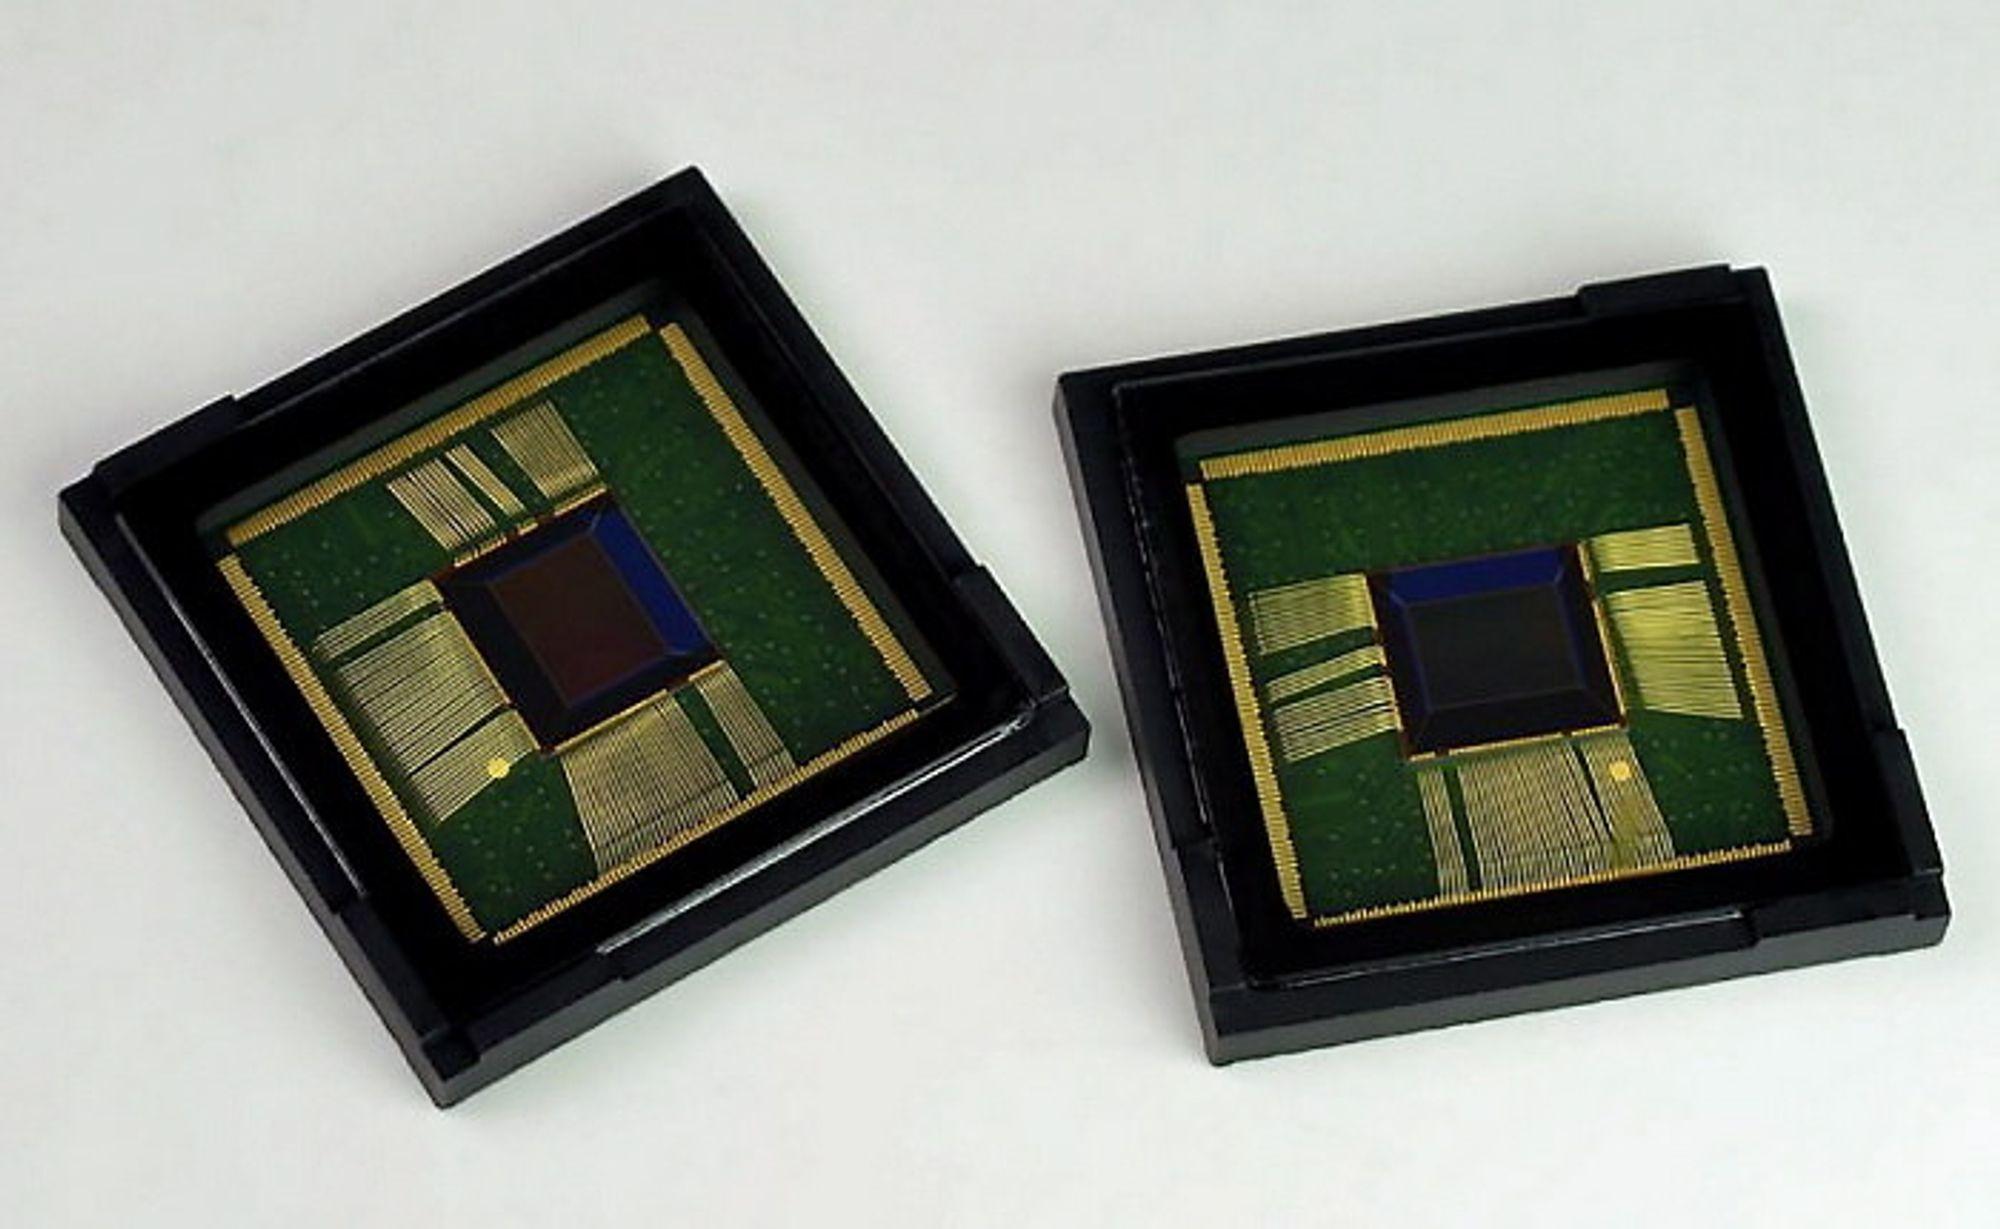 Nytt Samsungvåpen: Med sin nye Isocell-teknologi vil Samsung overgå Sony på bildesensorer.